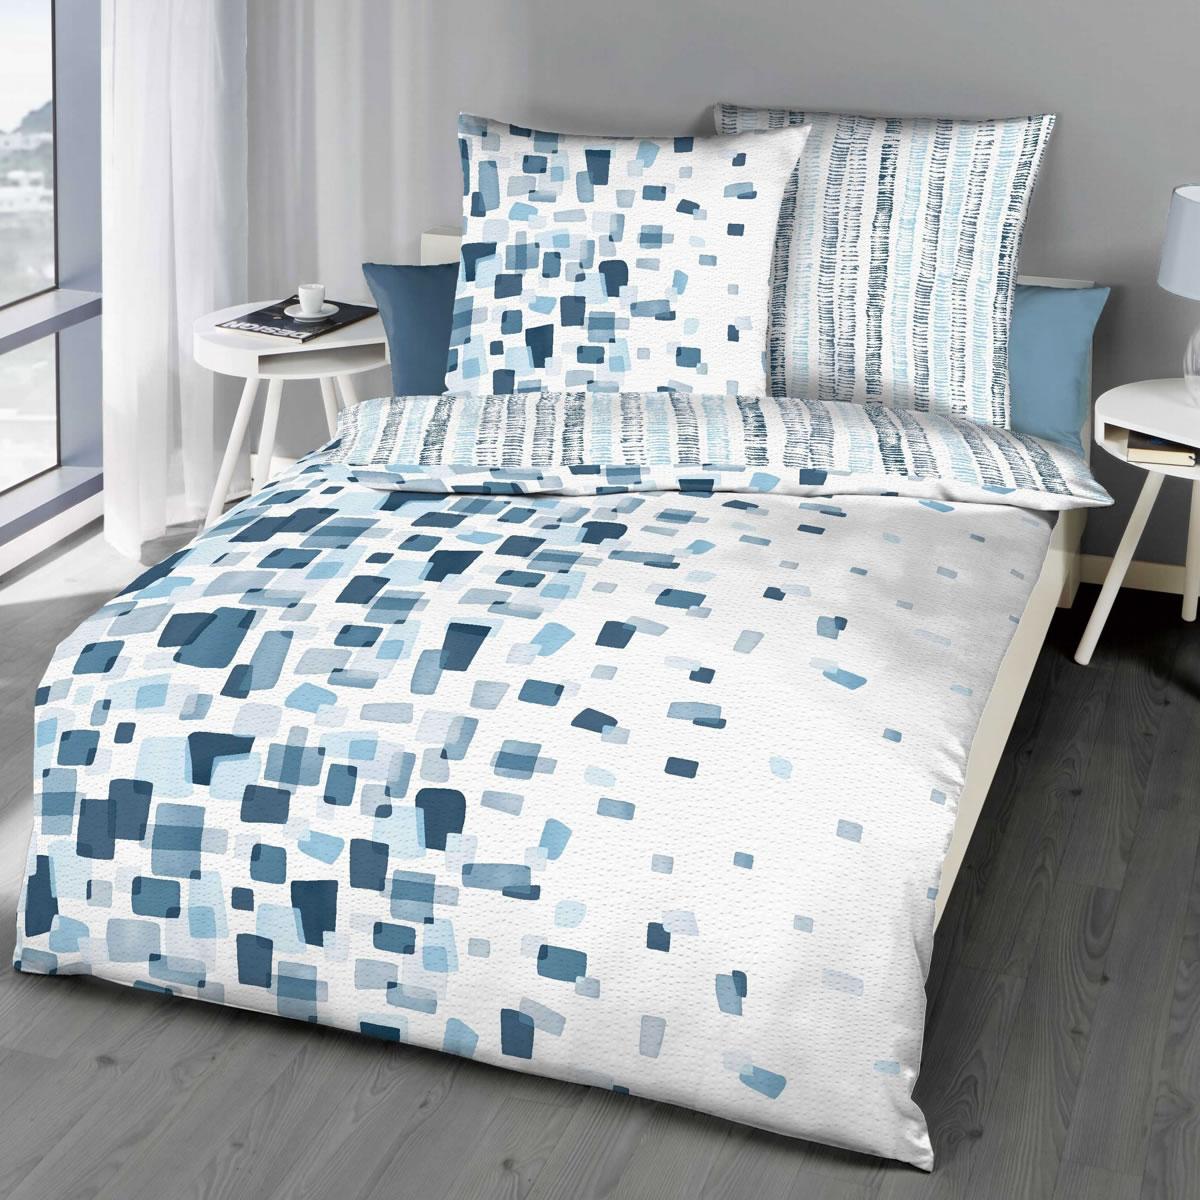 Full Size of Bettwäsche 155x220 Kaeppel Seersucker Wende Bettwsche Cm Module 9701 Blau Sprüche Wohnzimmer Bettwäsche 155x220